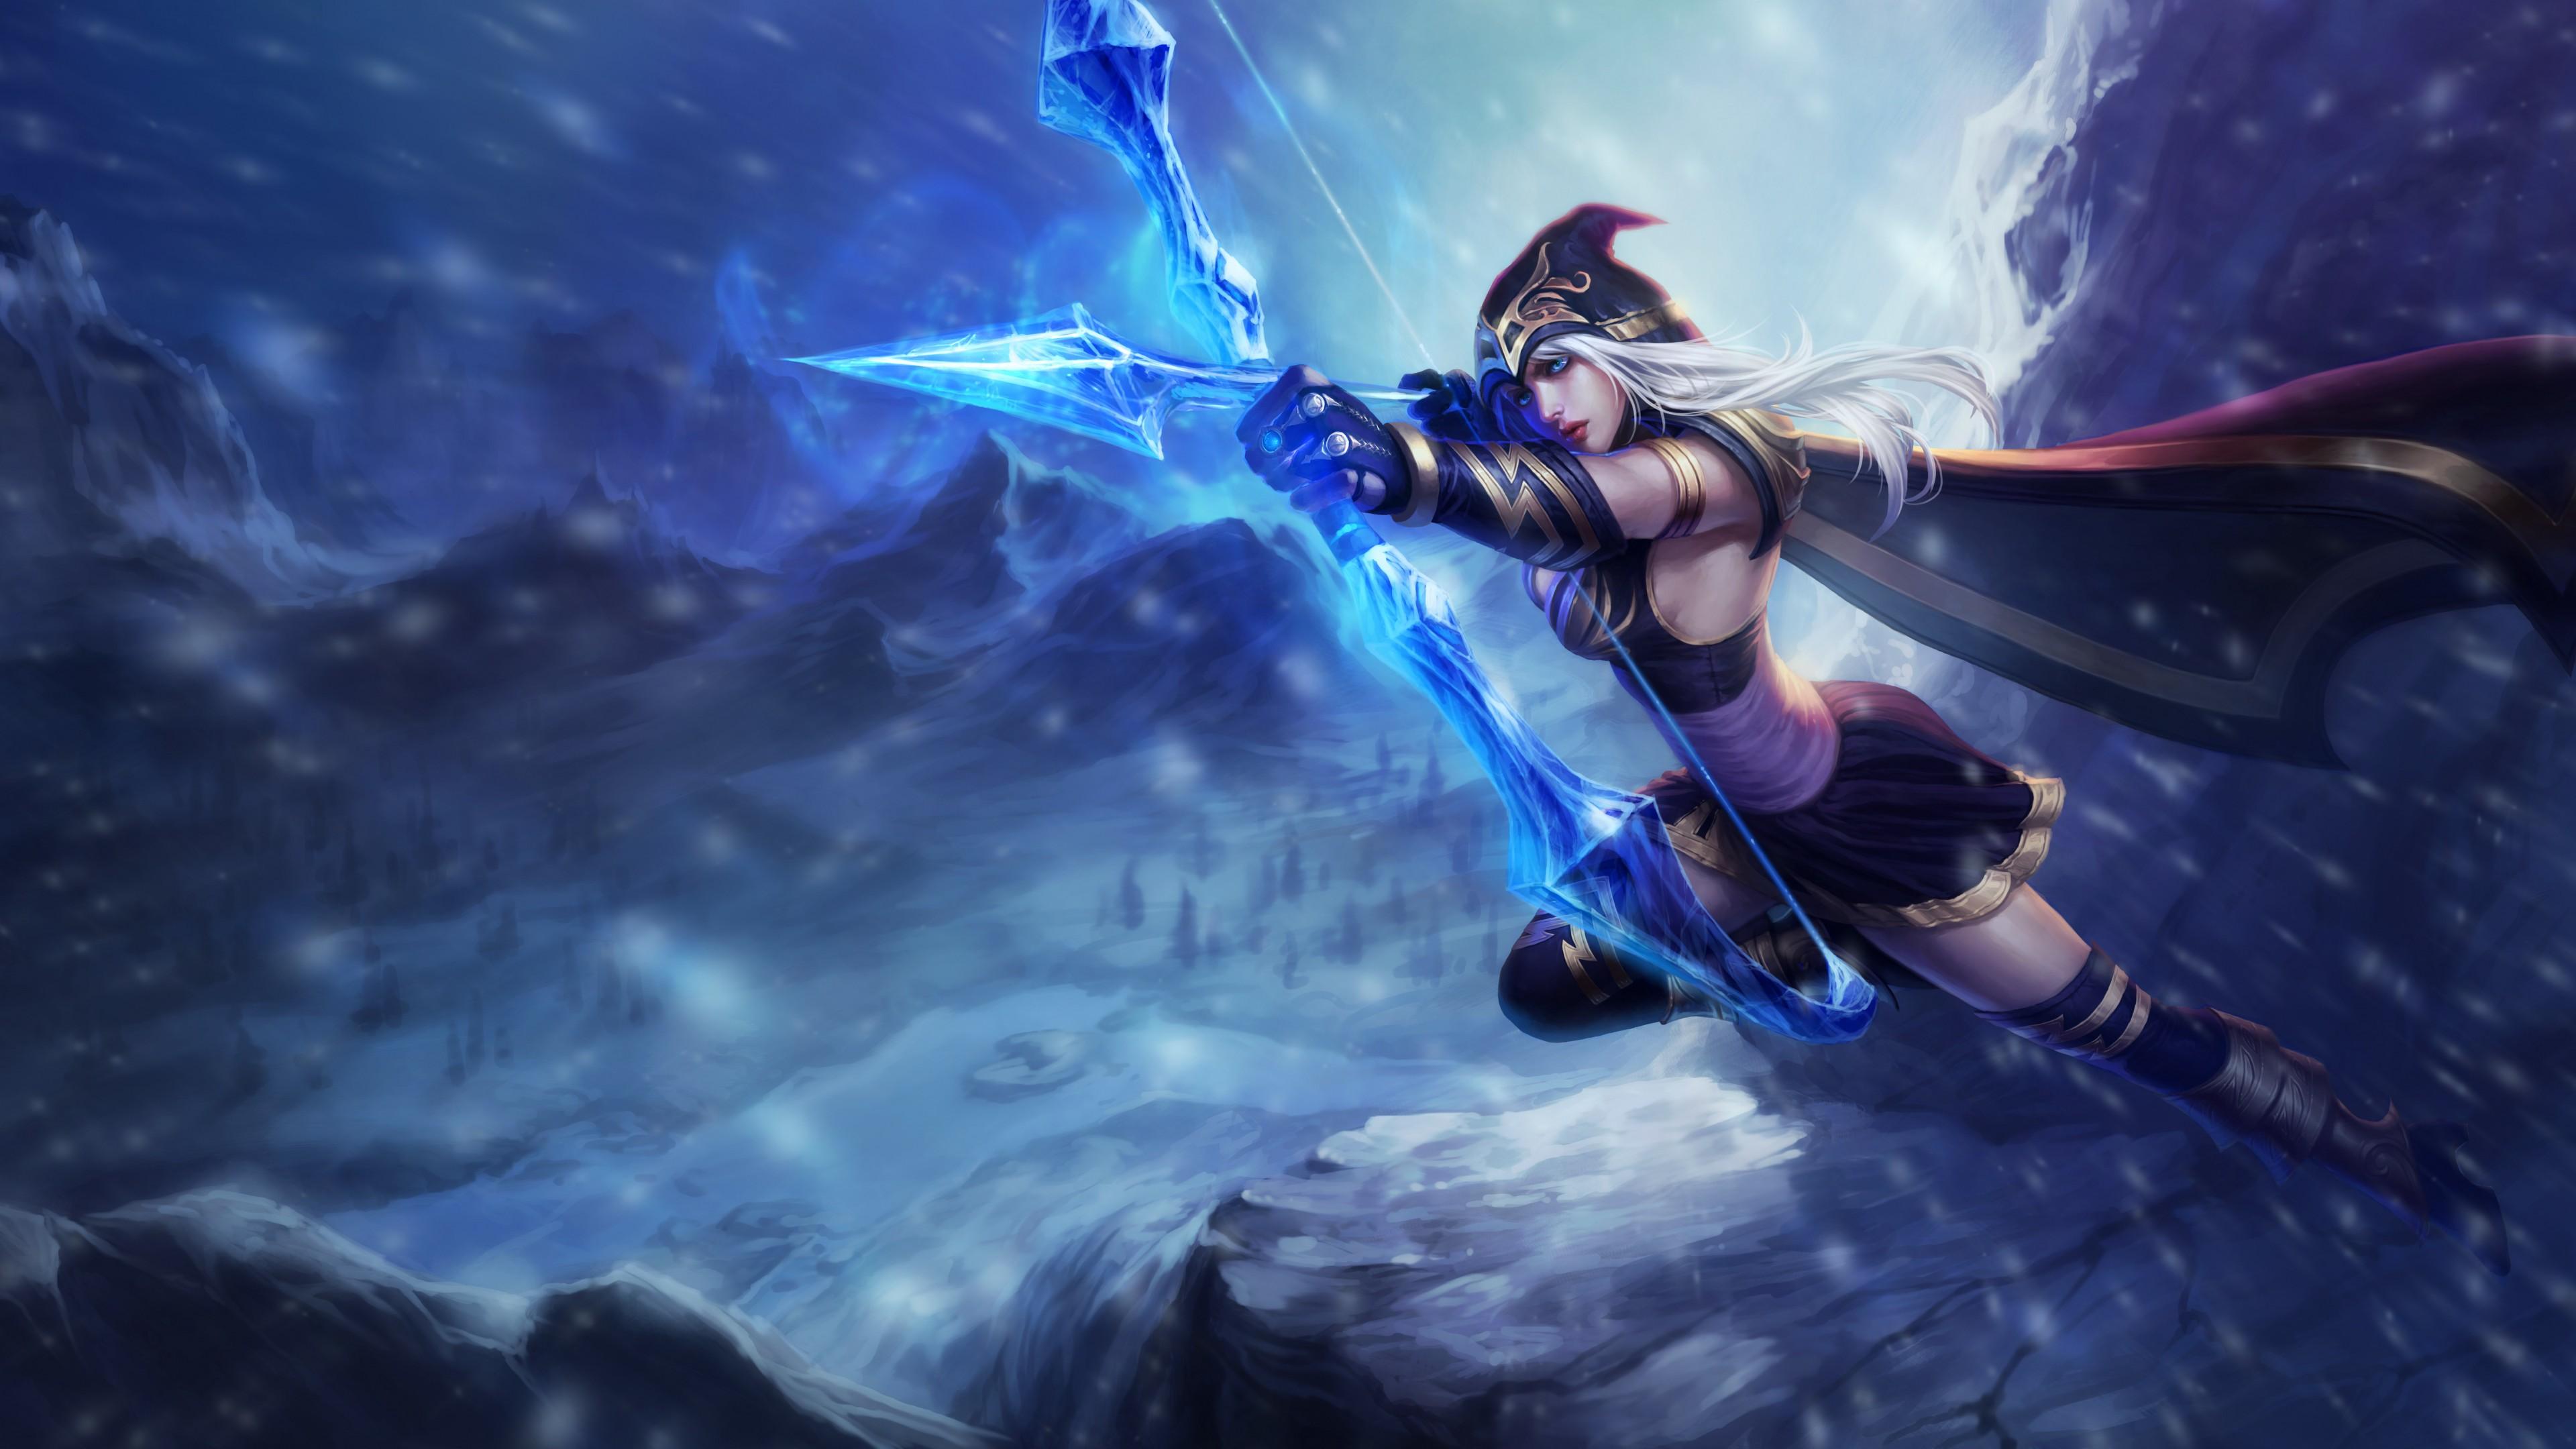 Девушка среди горных звездных вершин с луком и огненной стрелой